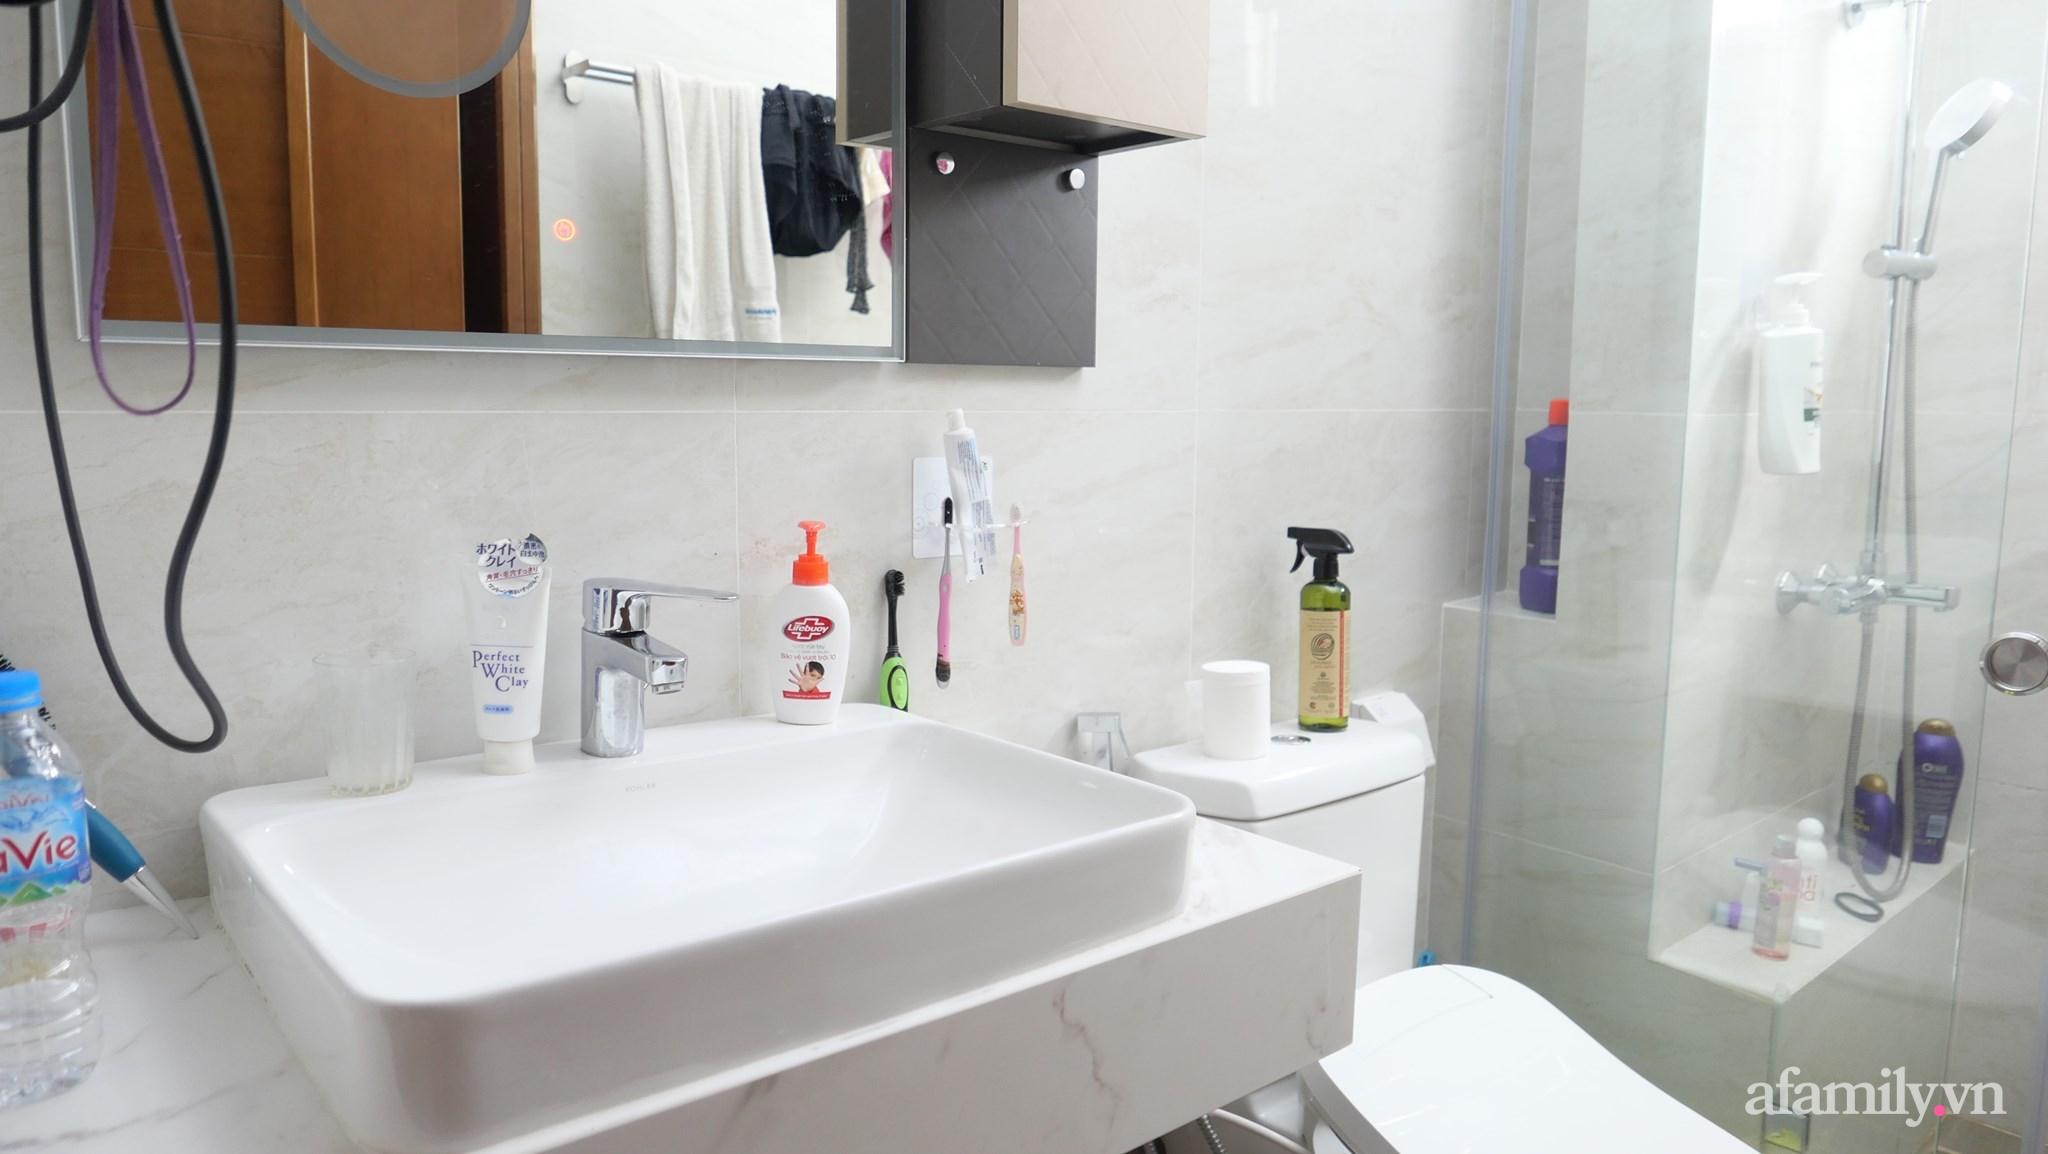 """Biến hình phòng tắm đúng chuẩn hội """"nghiện nhà yêu cây"""" từ những đồ nội thất nhà nào cũng có của cô gái Hà Nội  - Ảnh 4."""